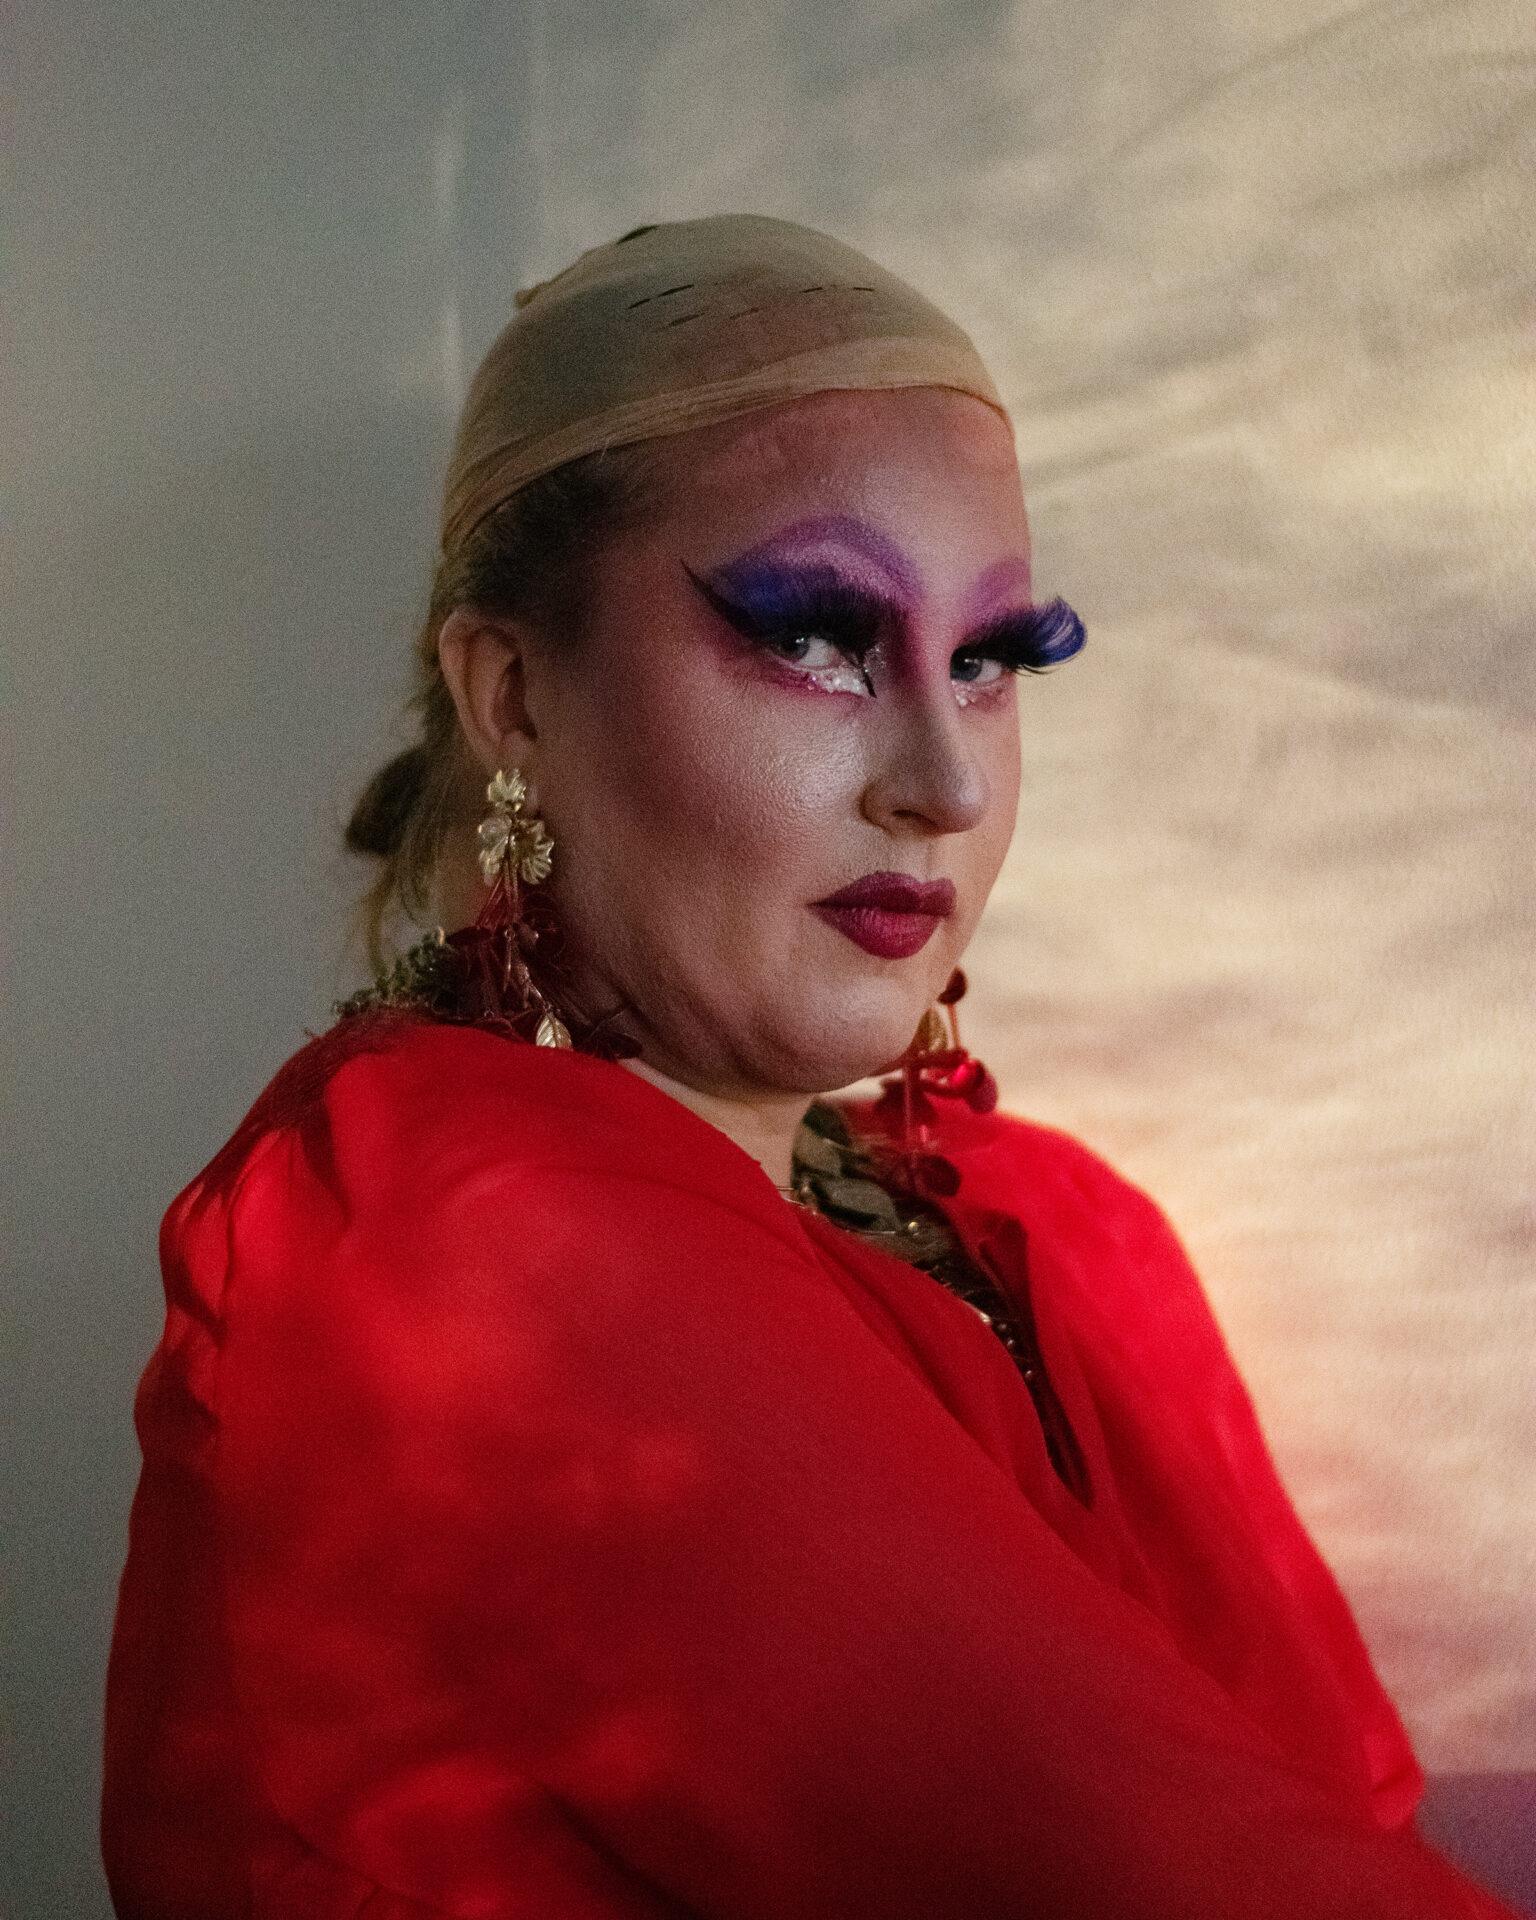 Henkilö, jolla on drag-tyylisesti meikkiä, peruukkisukka ja punainen mekko päällään.